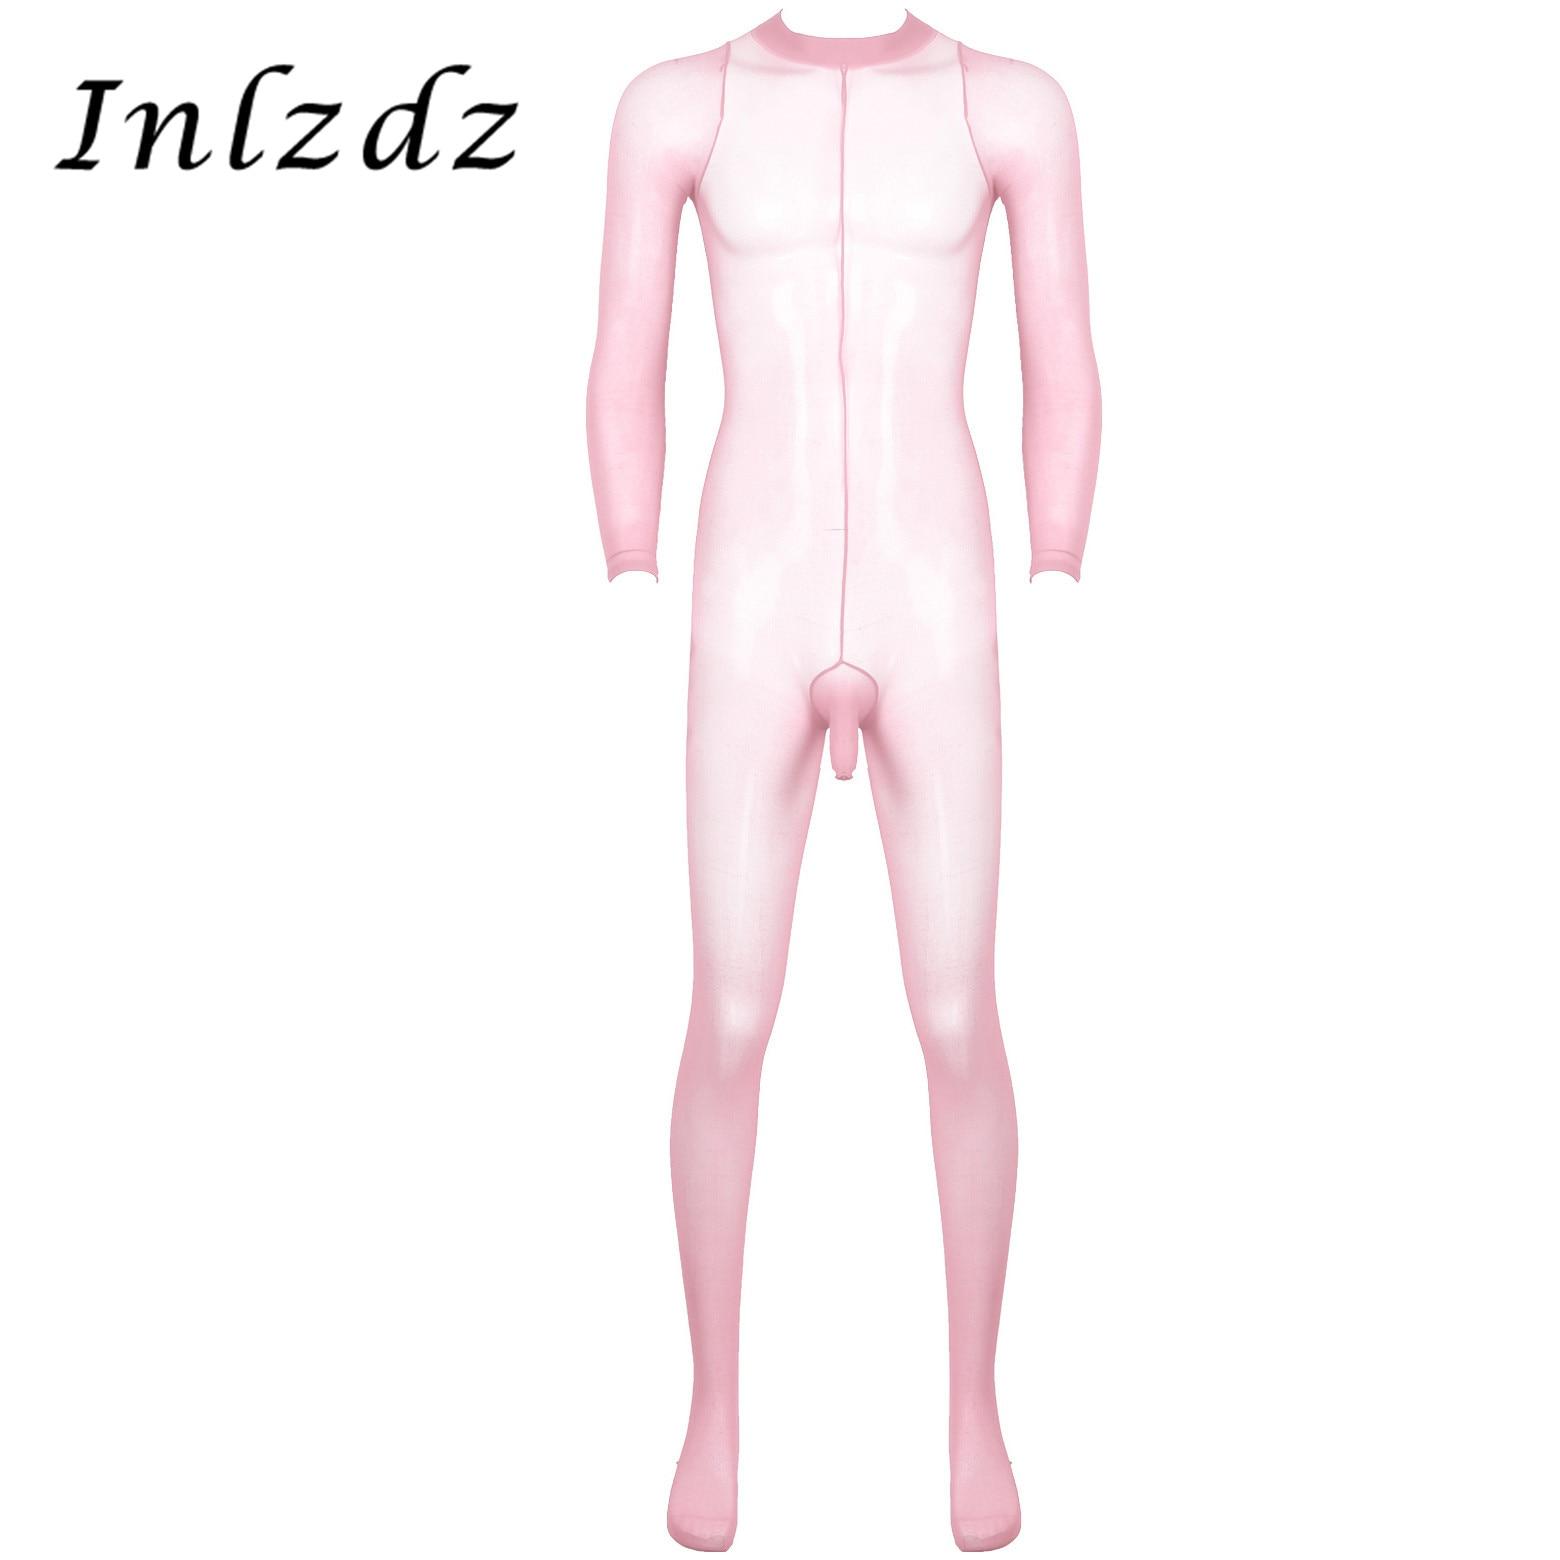 Medias de lencería eróticas para hombre, medias de cuerpo completo transparentes y transparentes con diseño de vaina abierta para el pene, pantimedias corporales elásticas para los dedos cerrados